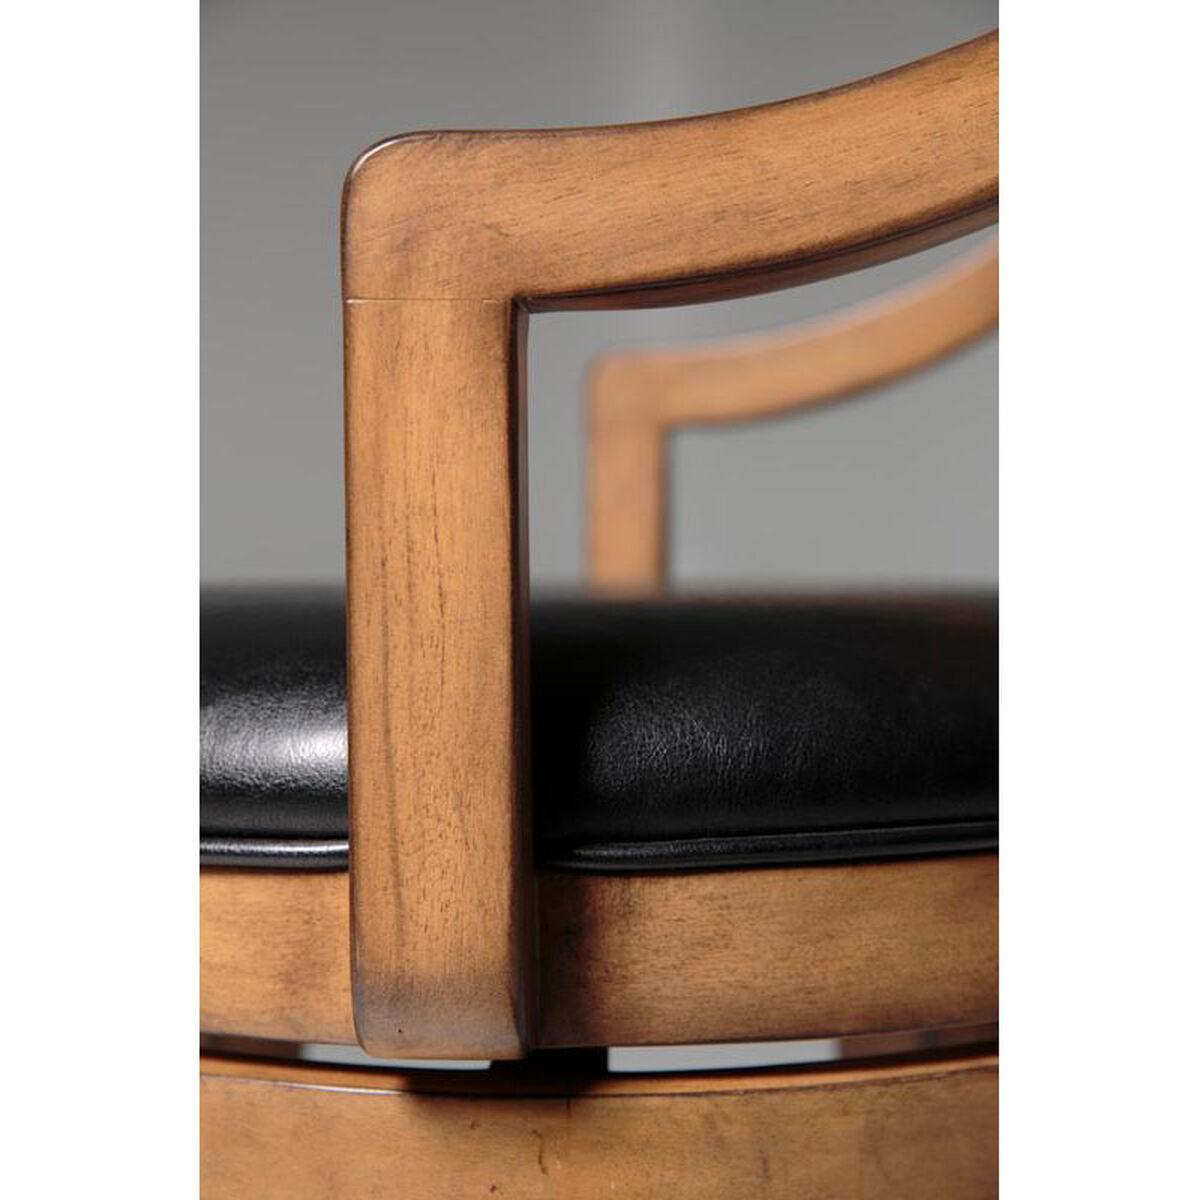 Wood Arm Faux Leather Bar Stool C1w010 Bizchair Com